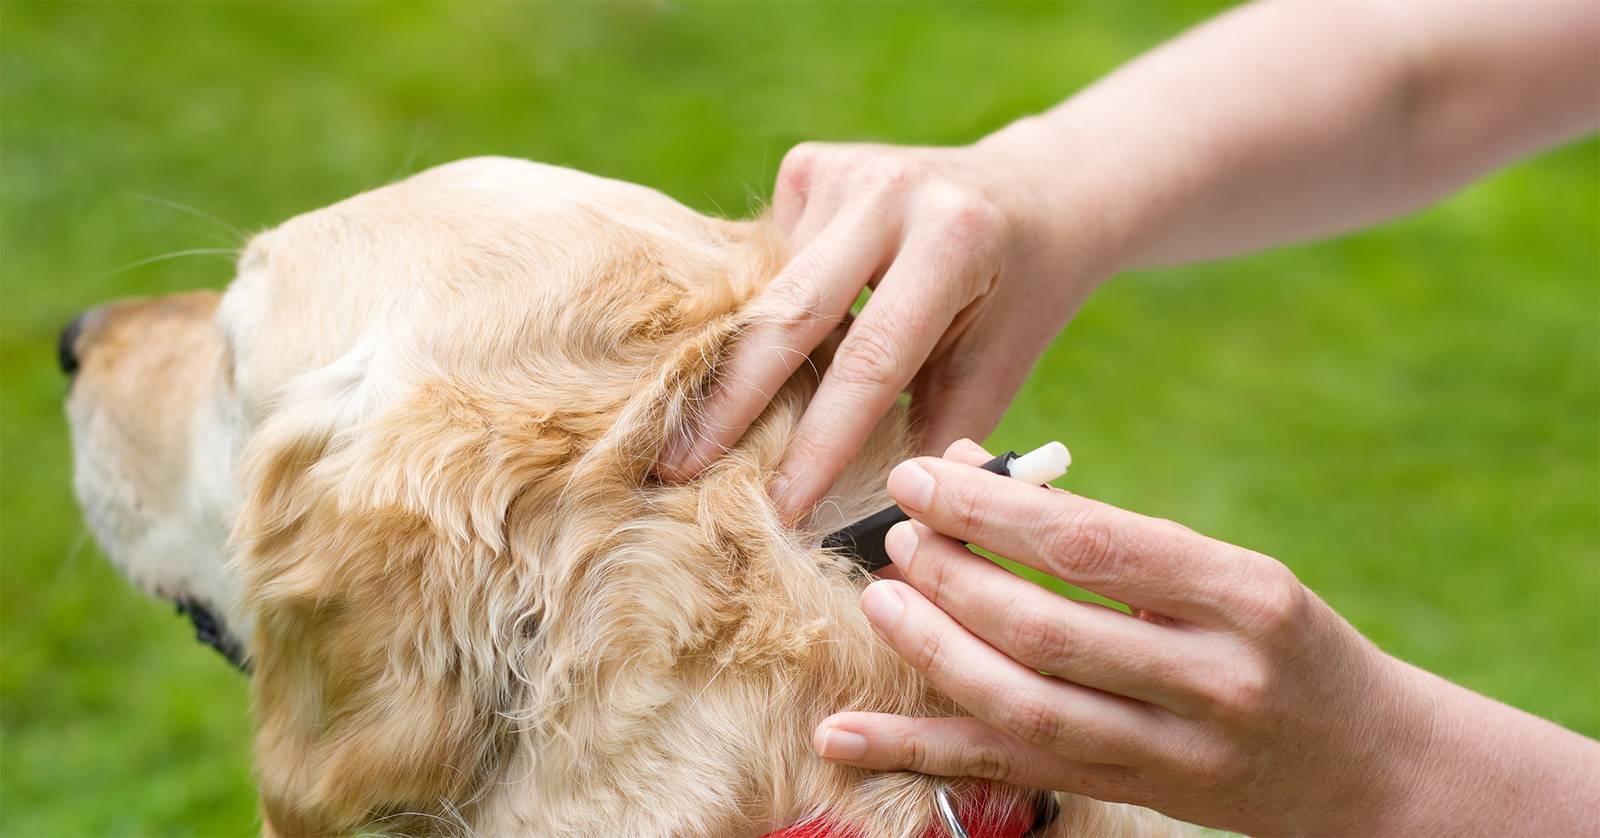 Средства от мух для животных - чем обработать собаке уши